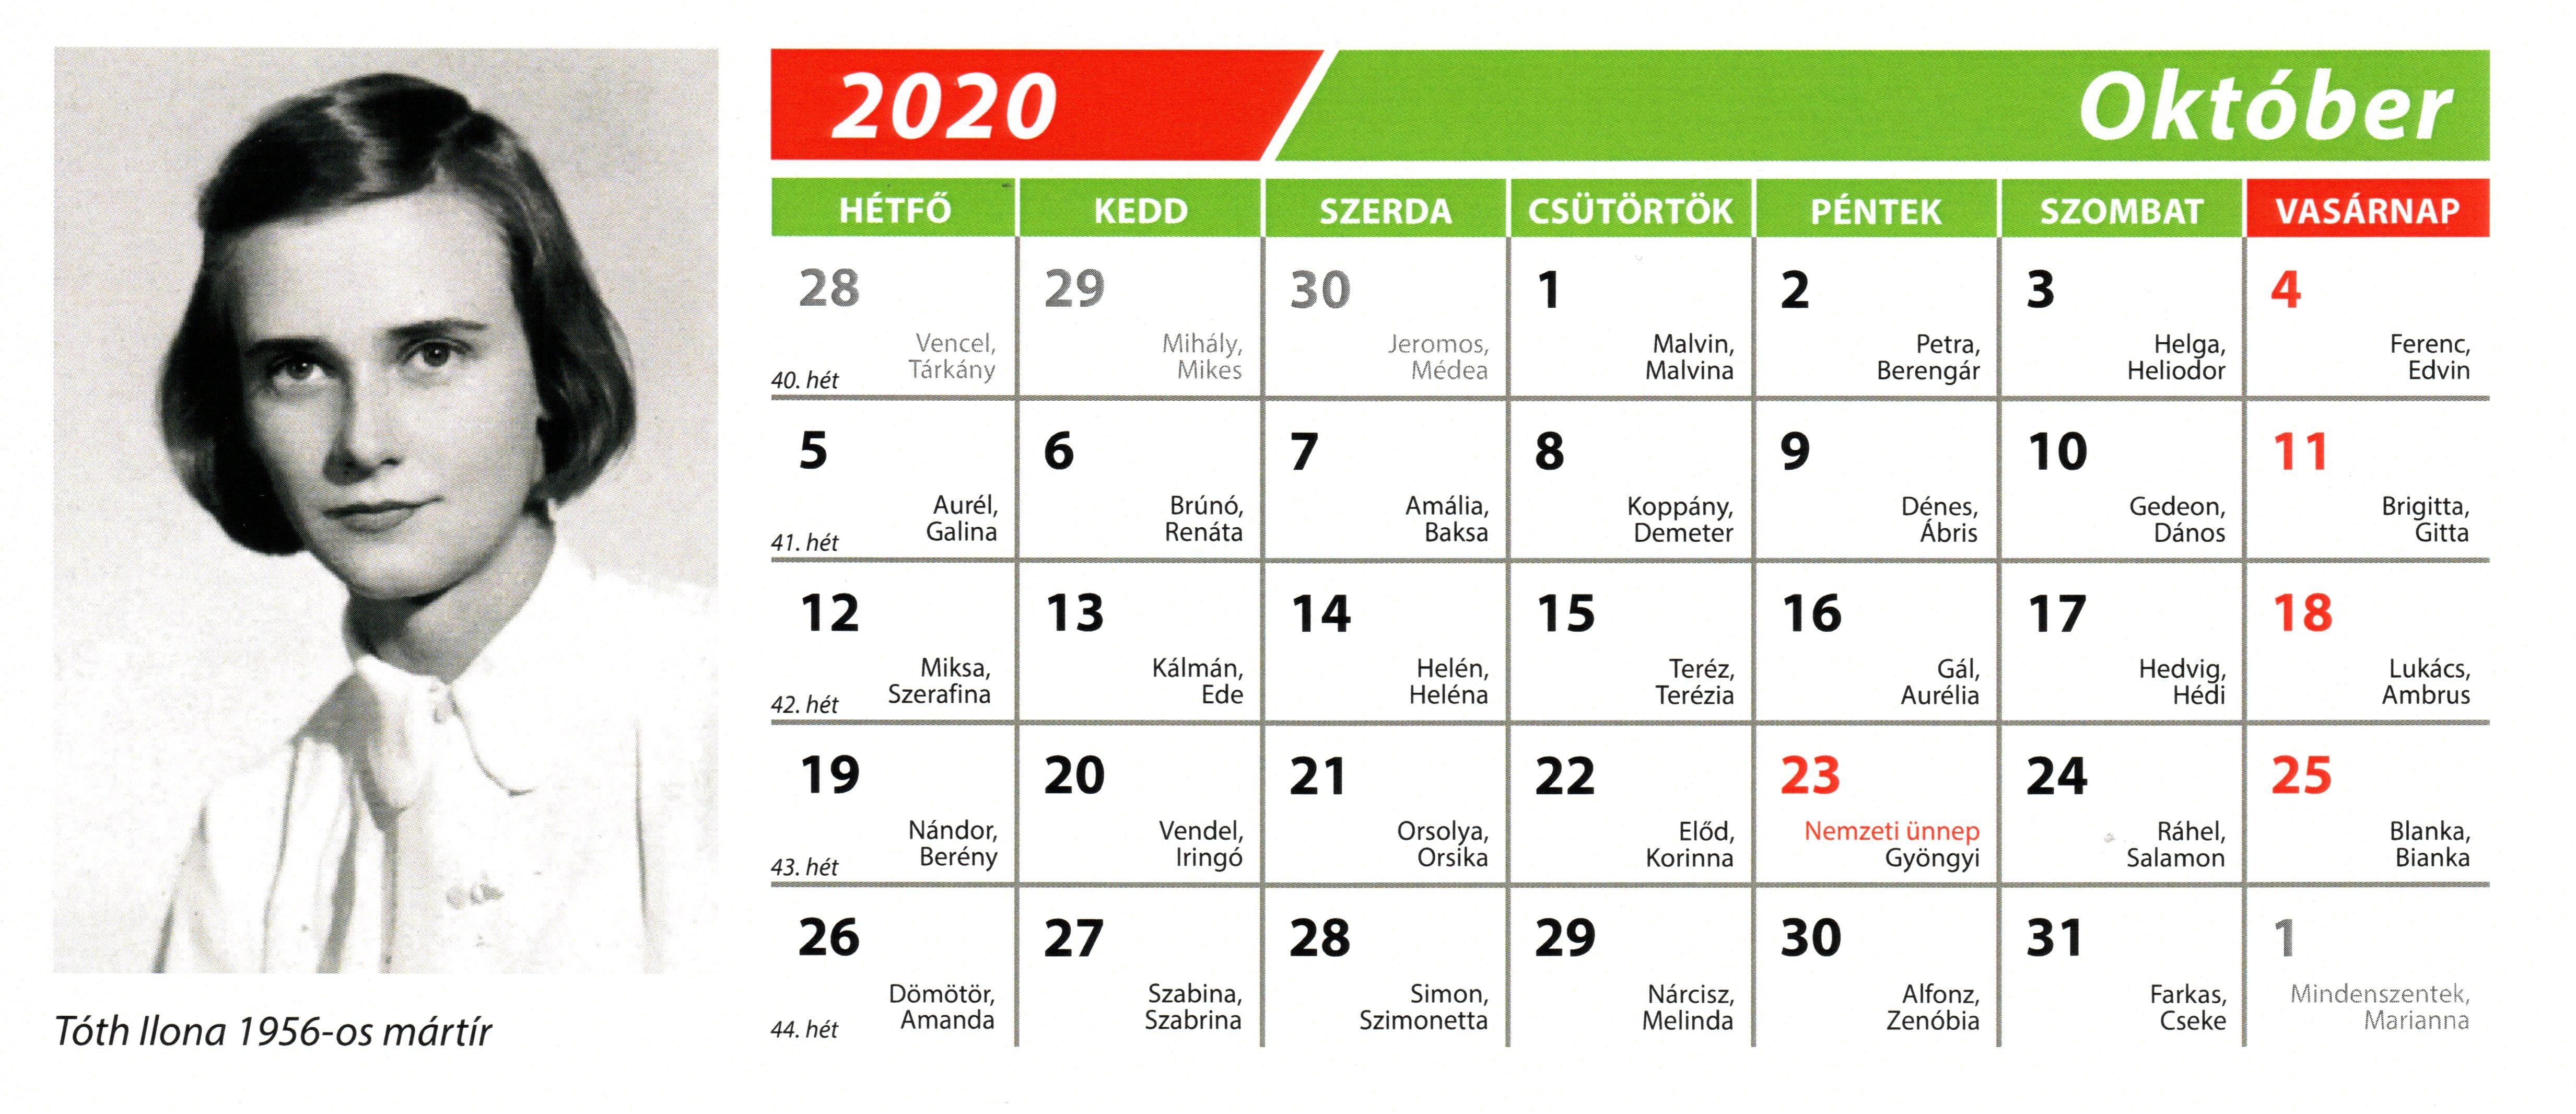 1956-MN-2020-évi-naptár-10-október